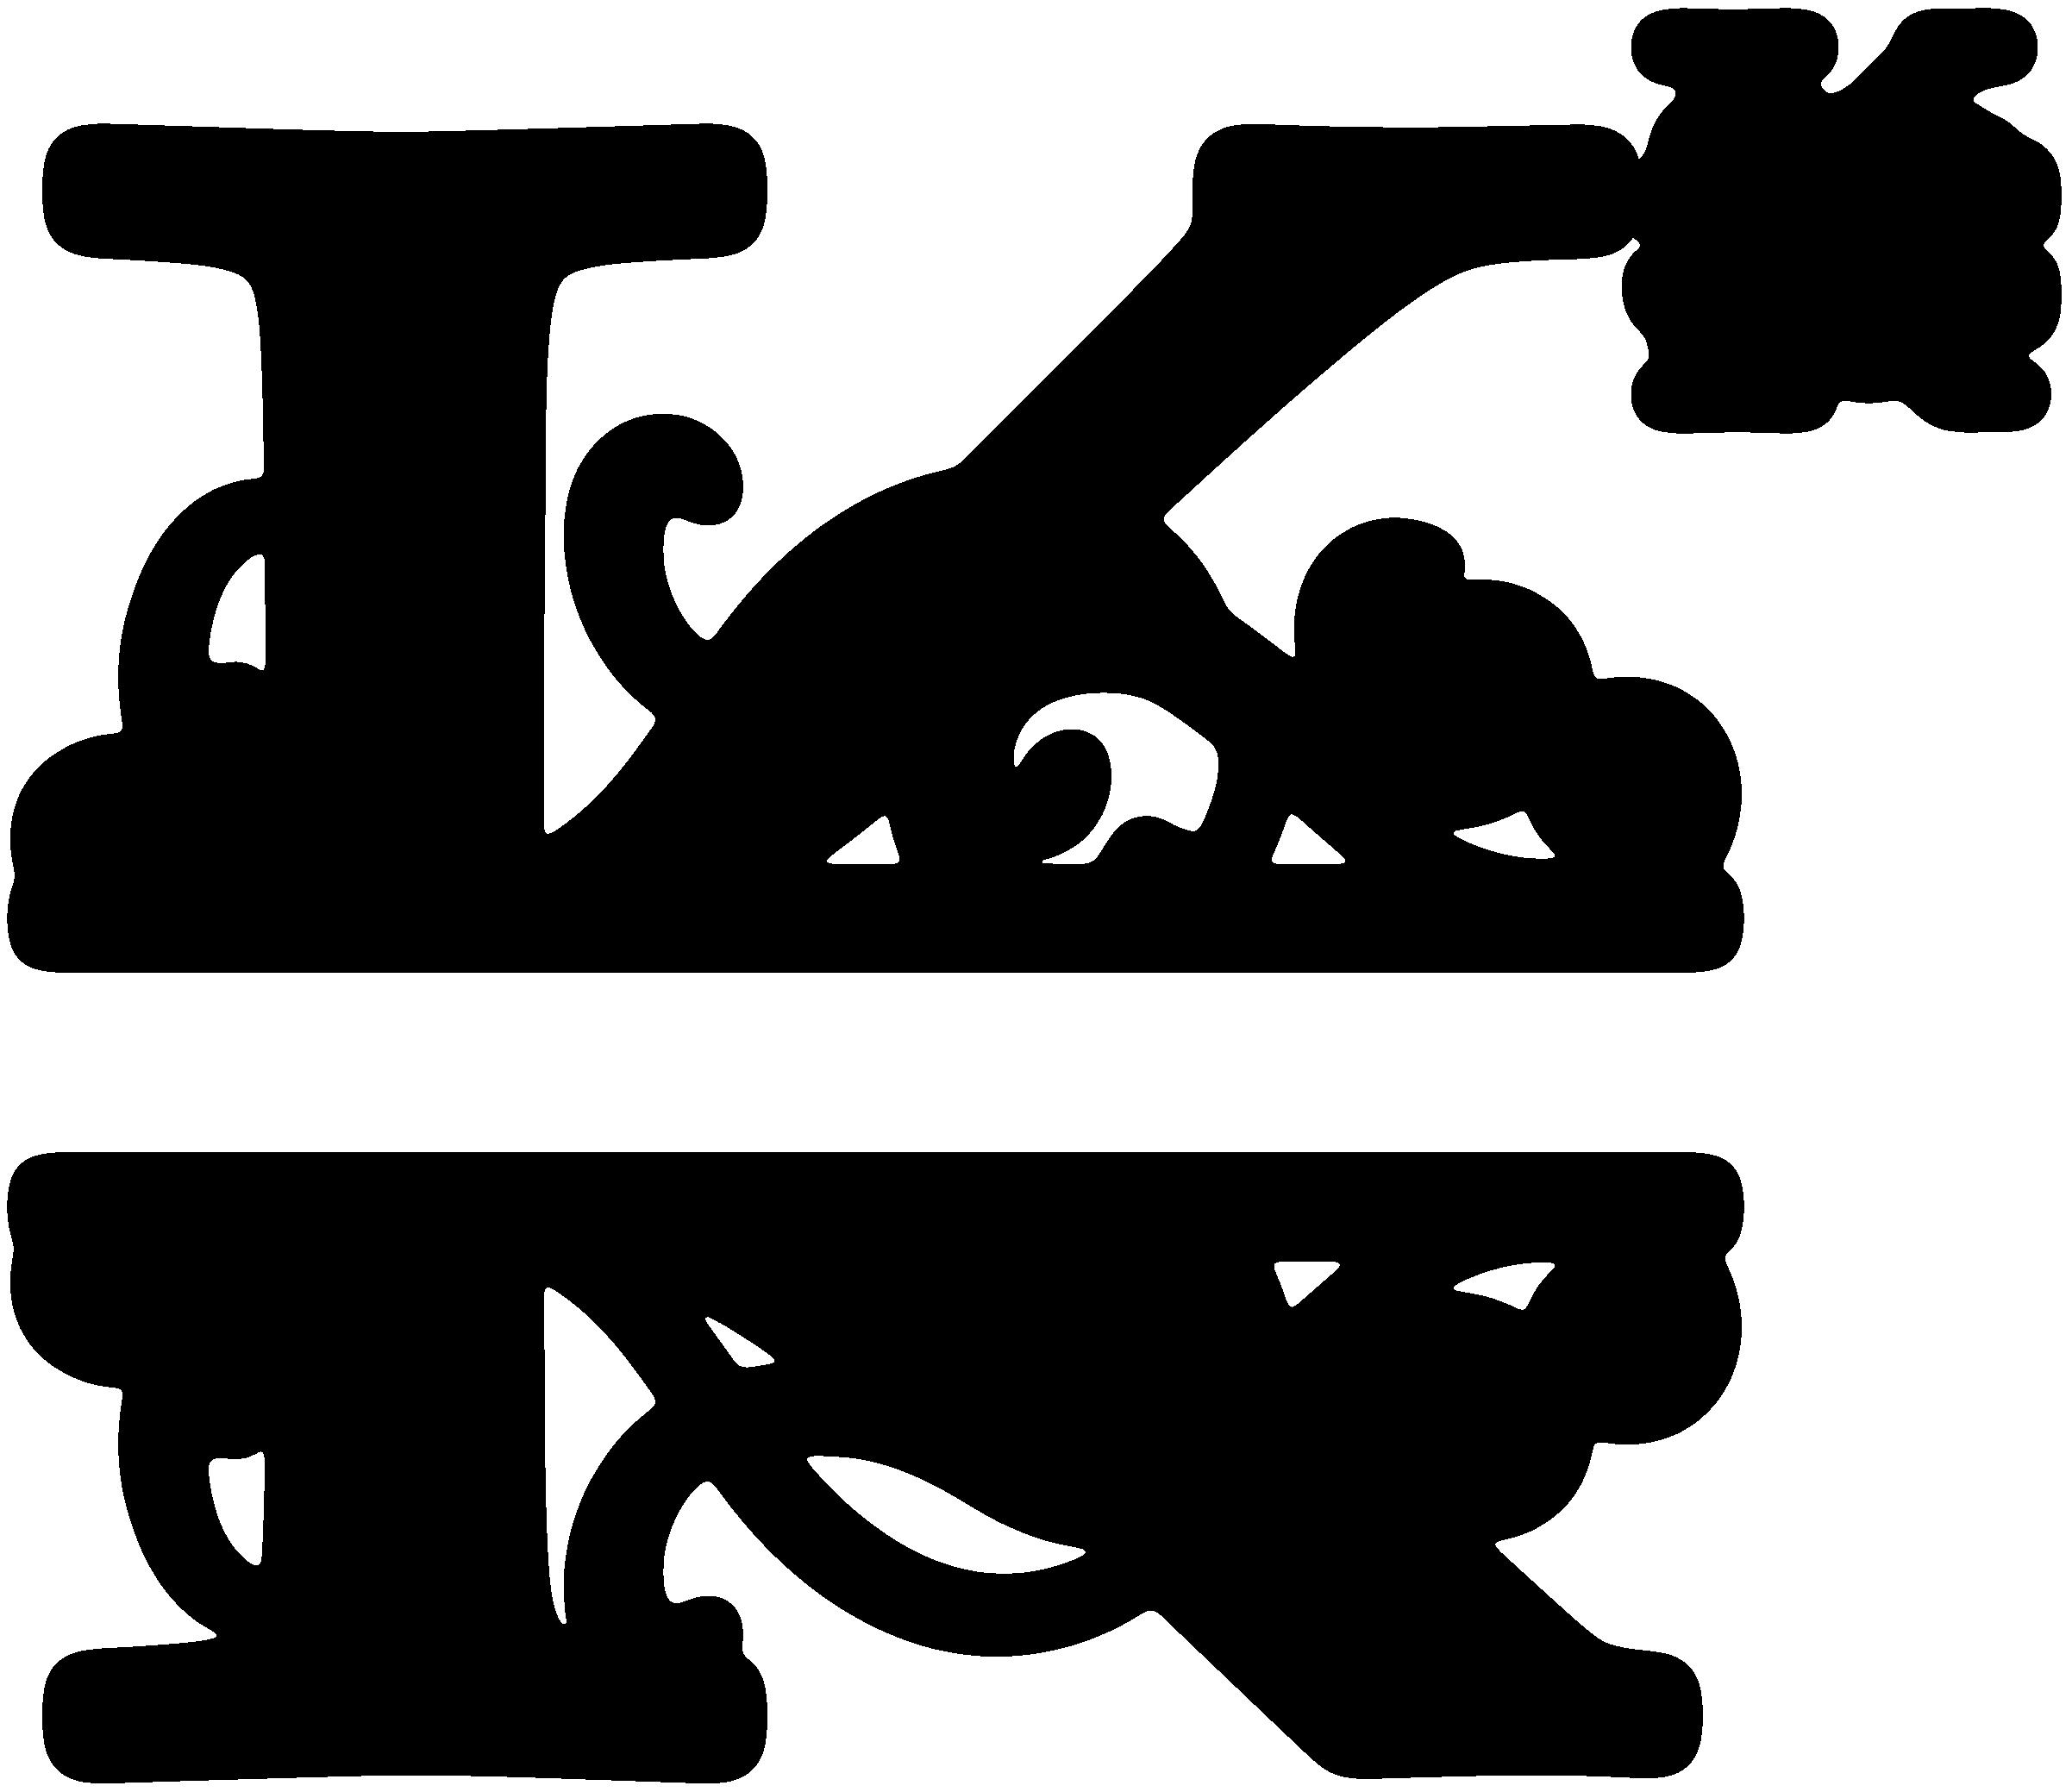 db011053862ba9097ee72bead7c72a6a.png 2,403×2,078 pixels